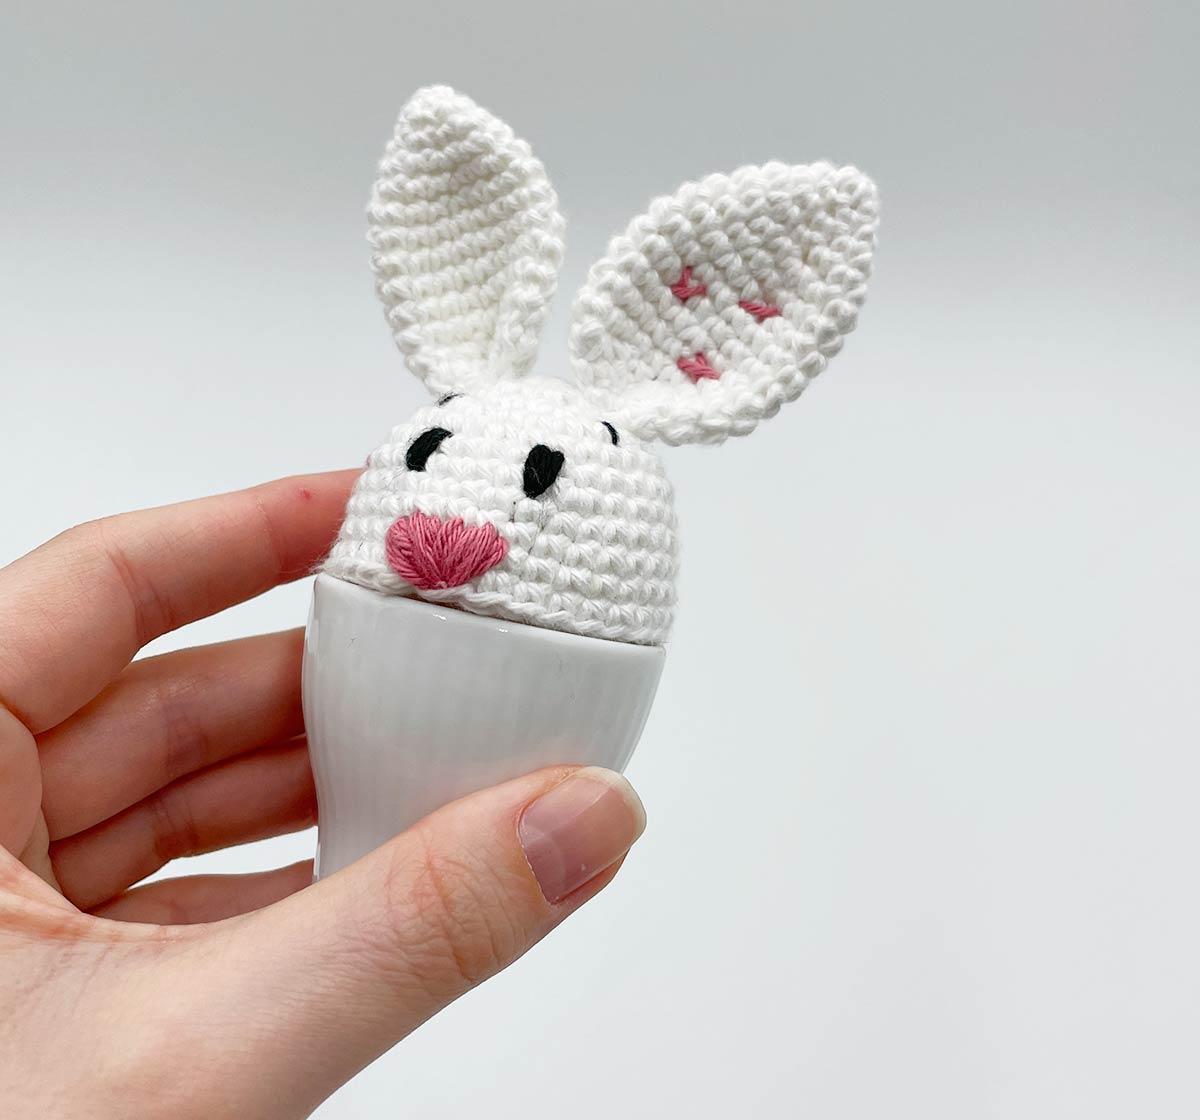 Den magiske påskekanin-æggevarmer: Ny gratis opskrift!